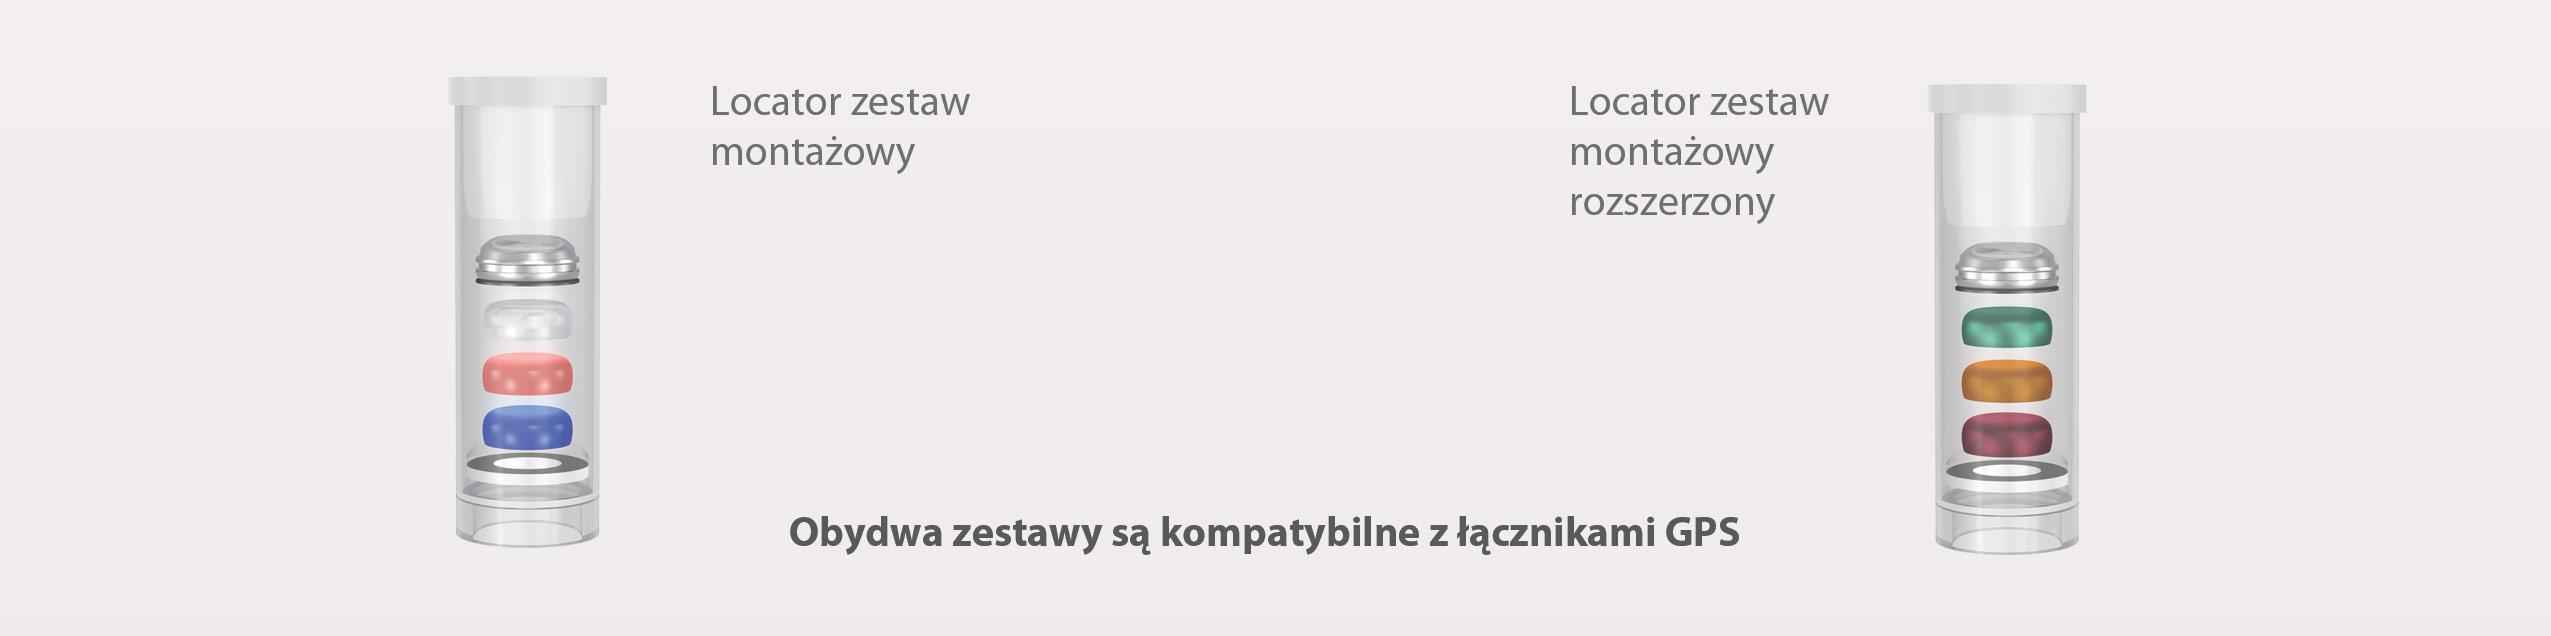 Lokatory_Zestawy